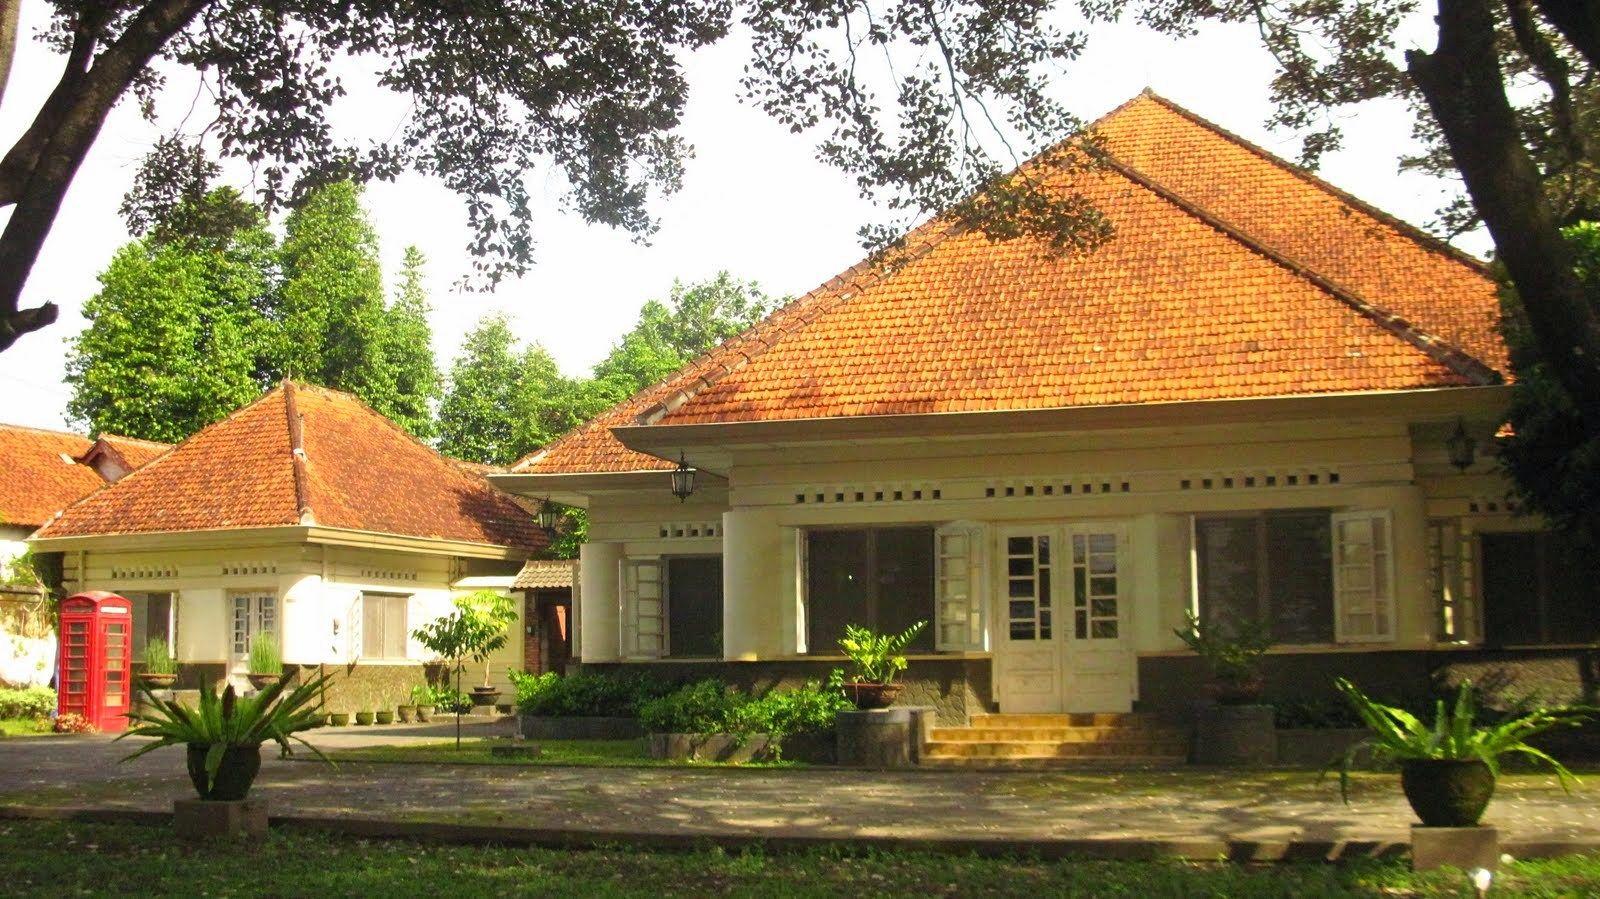 Desain Rumah Zaman Kolonial Belanda  COLONIAL HOUSES  INDONESIA  Desain rumah Rumah dan